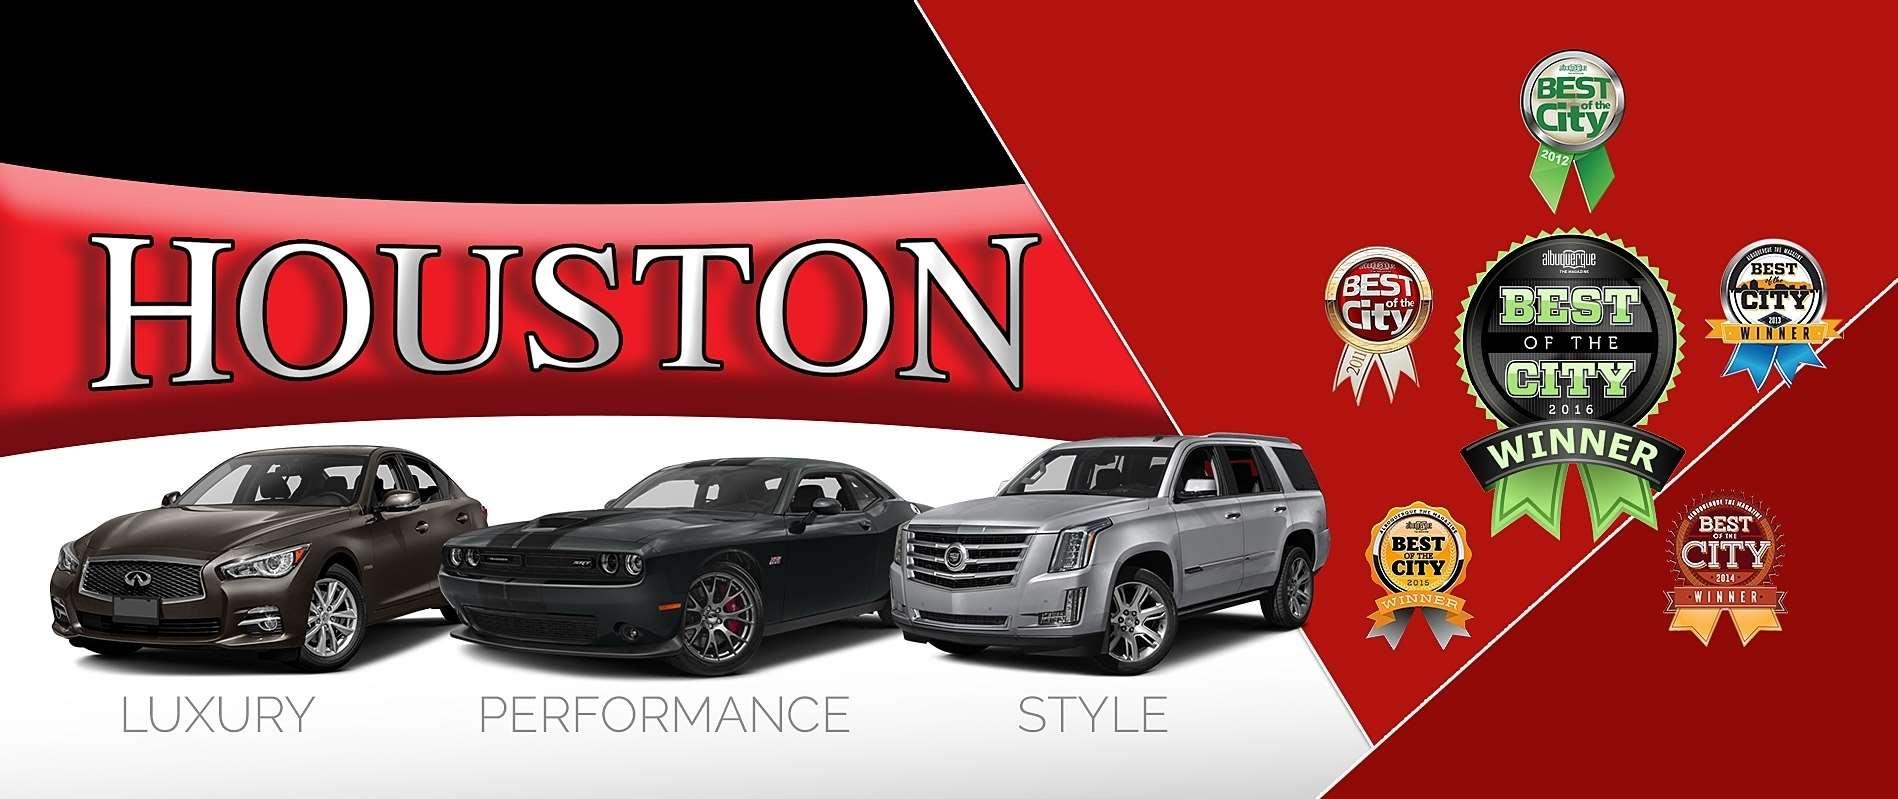 Cars For Sale Albuquerque >> Houston Wholesale Cars Albuquerque Nm Used Cars Trucks